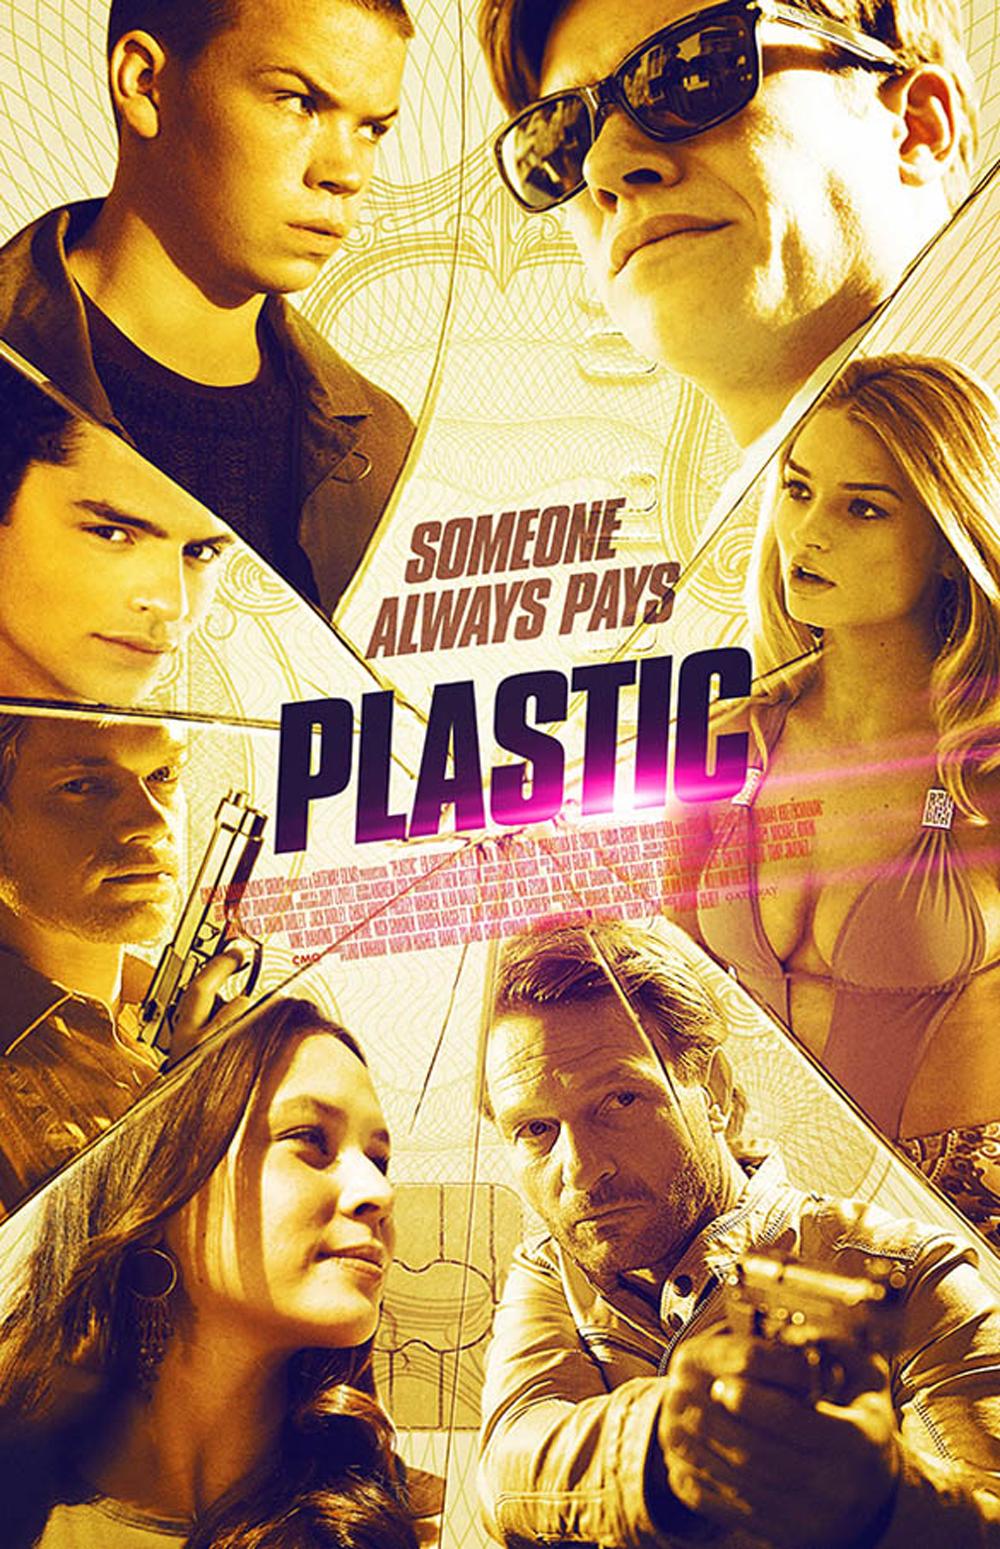 plastic-movie-poster